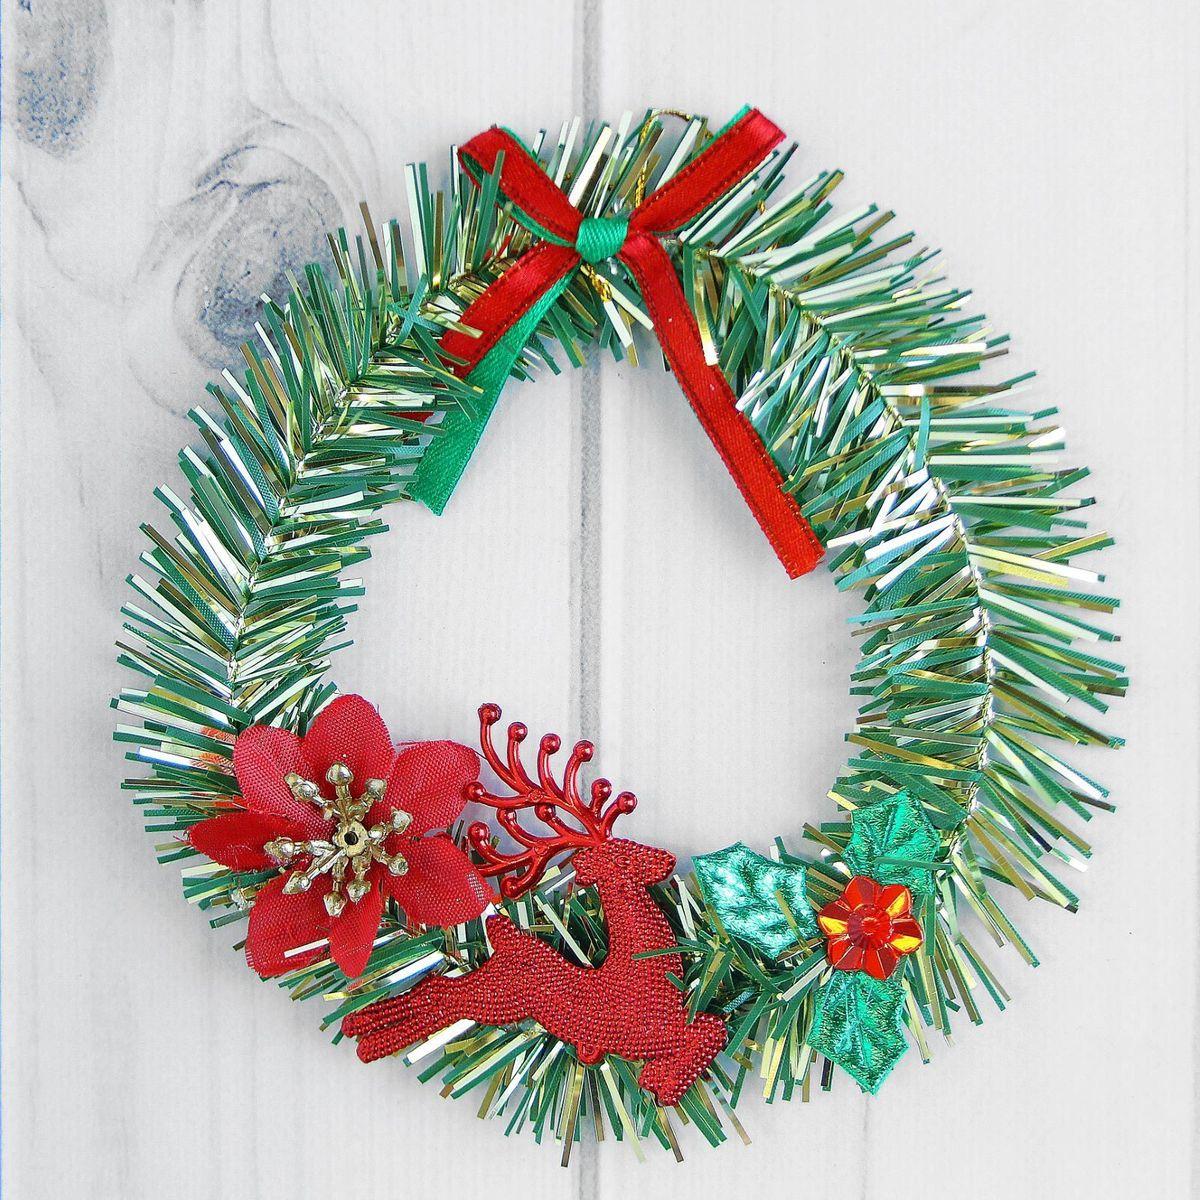 Венок новогодний Sima-land С цветком и оленем, диаметр 13 см2372206Невозможно представить нашу жизнь без праздников! Мы всегда ждём их и предвкушаем, обдумываем, как проведём памятный день, тщательно выбираем подарки и аксессуары, ведь именно они создают и поддерживают торжественный настрой. — это отличный выбор, который привнесёт атмосферу праздника в ваш дом!